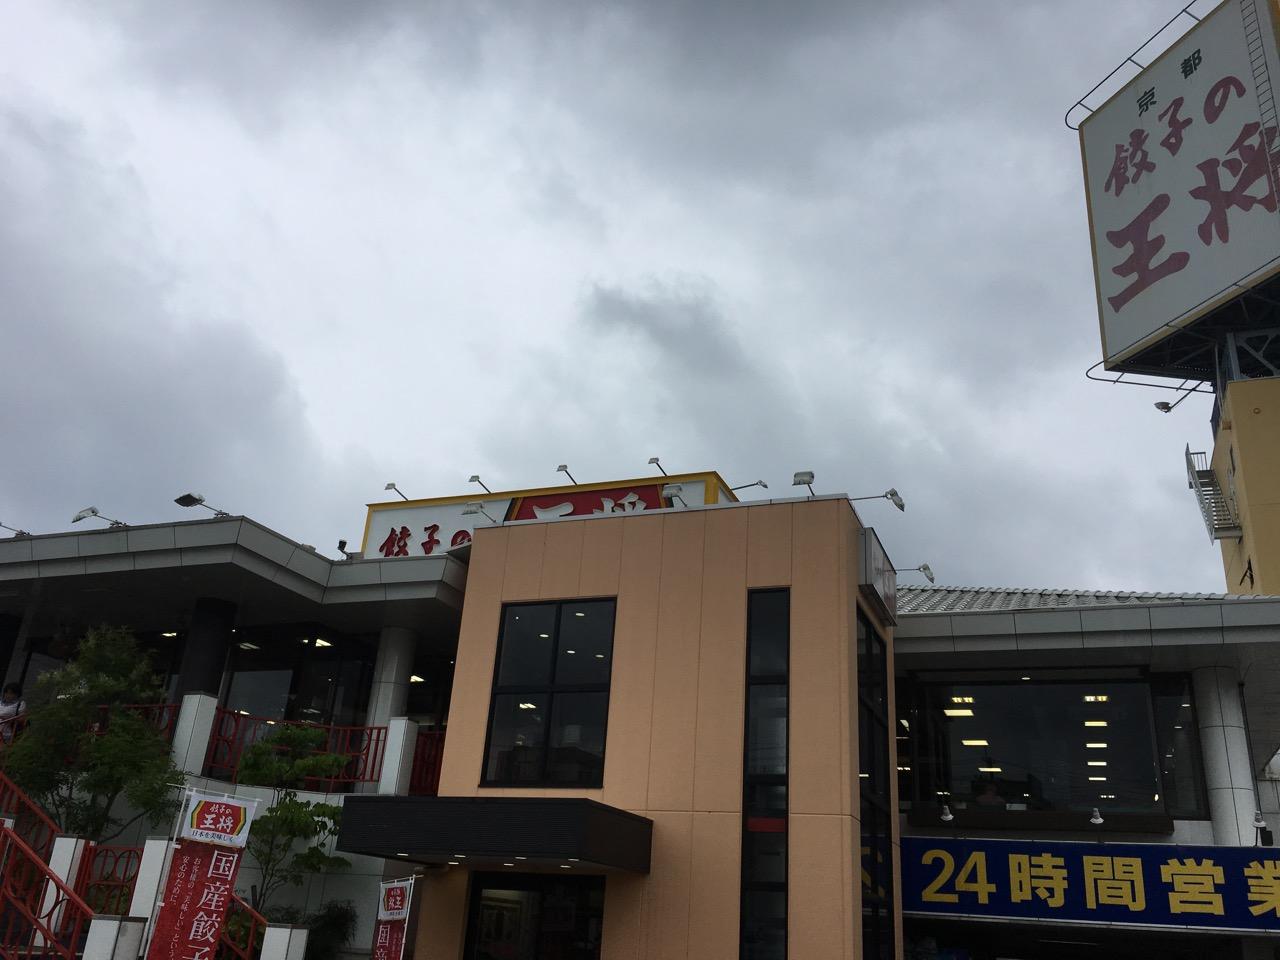 でっかい京都王将!餃子の王将 空港線豊中店